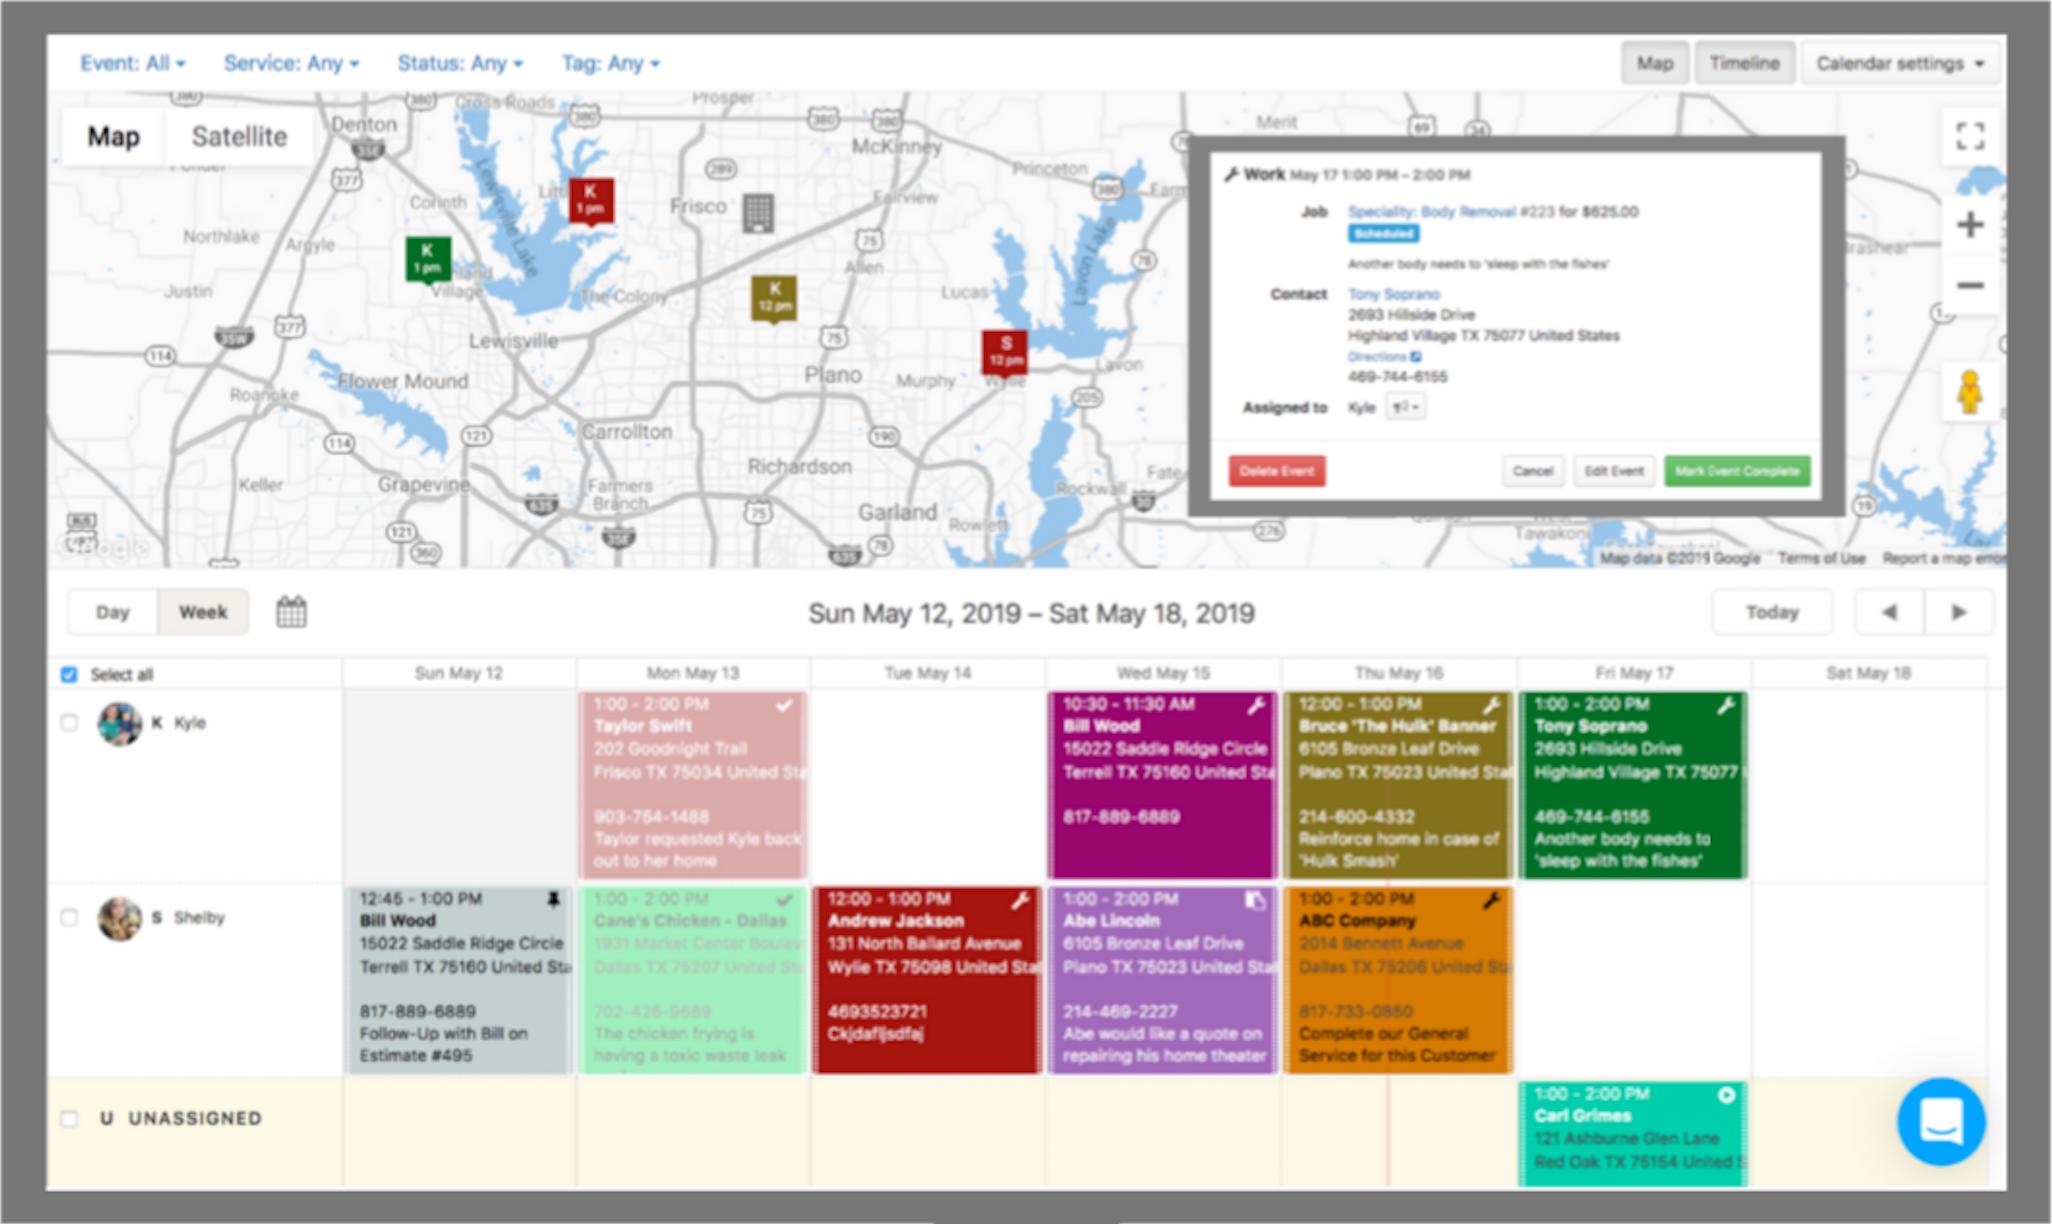 Kickserv Software - Simple scheduling